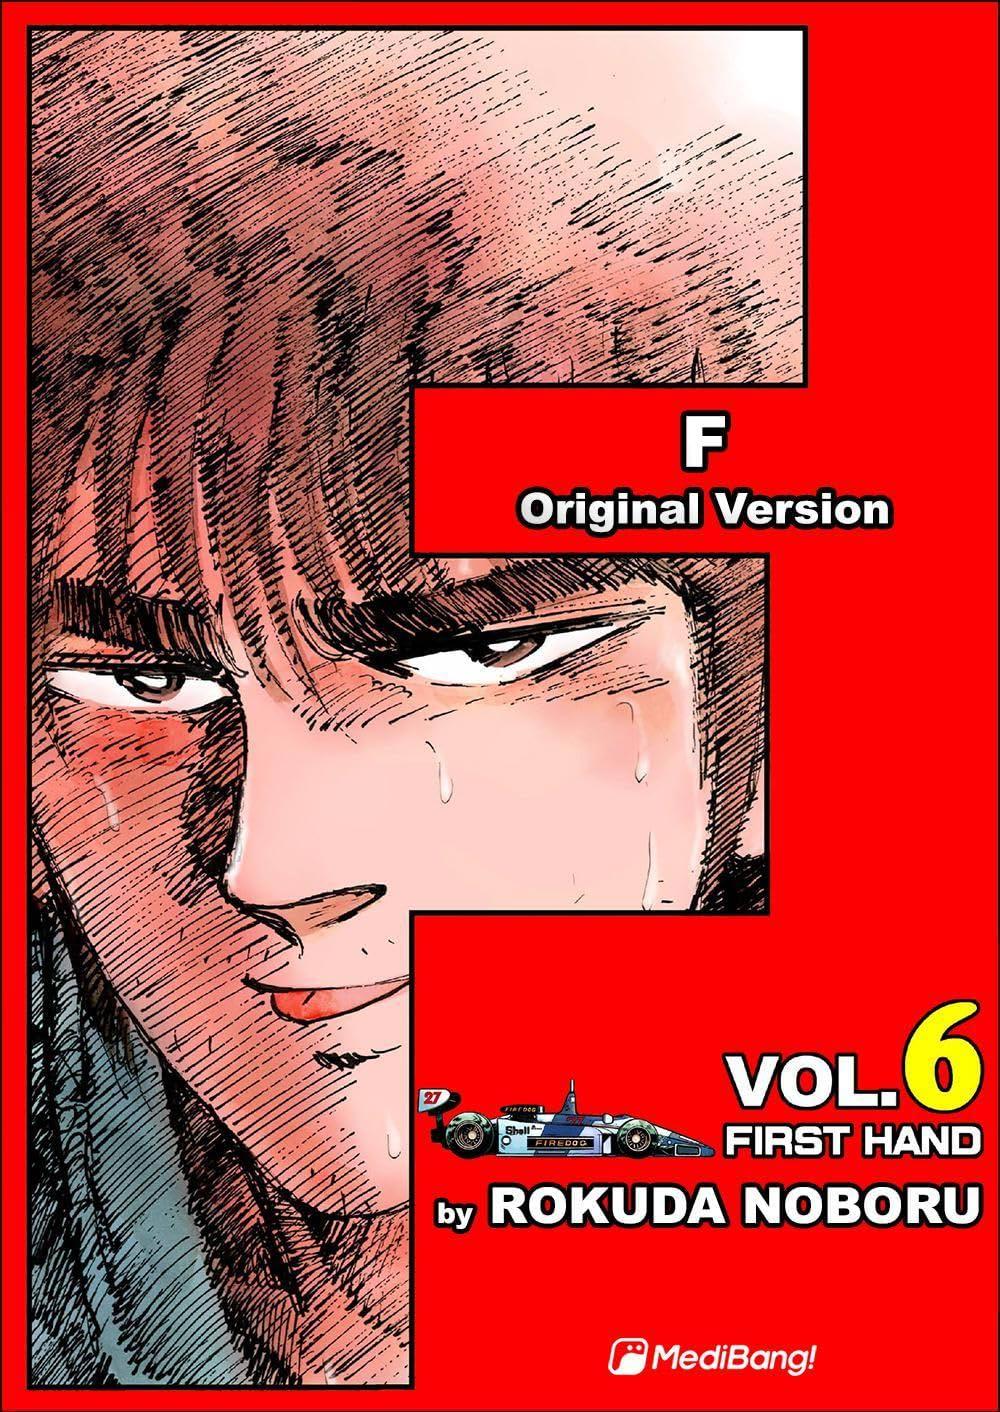 F Vol. 6